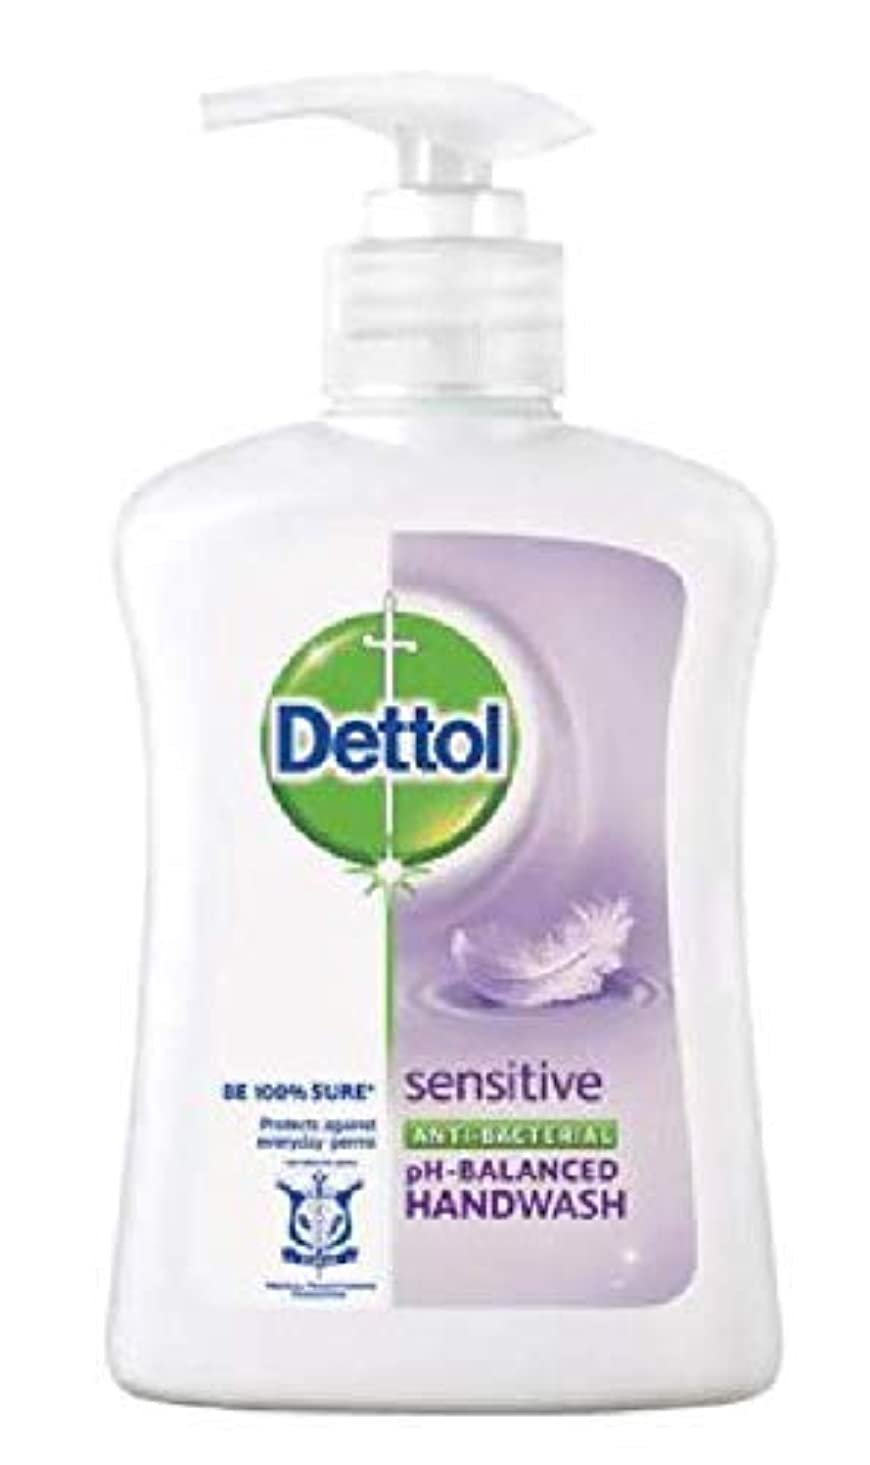 ハウジング罰硬さDettol 抗菌性のphバランスの手洗いに敏感な250mlは、細菌から手を保護して、穏やかにきれいにします、24時間99.9%の抗菌保護を提供